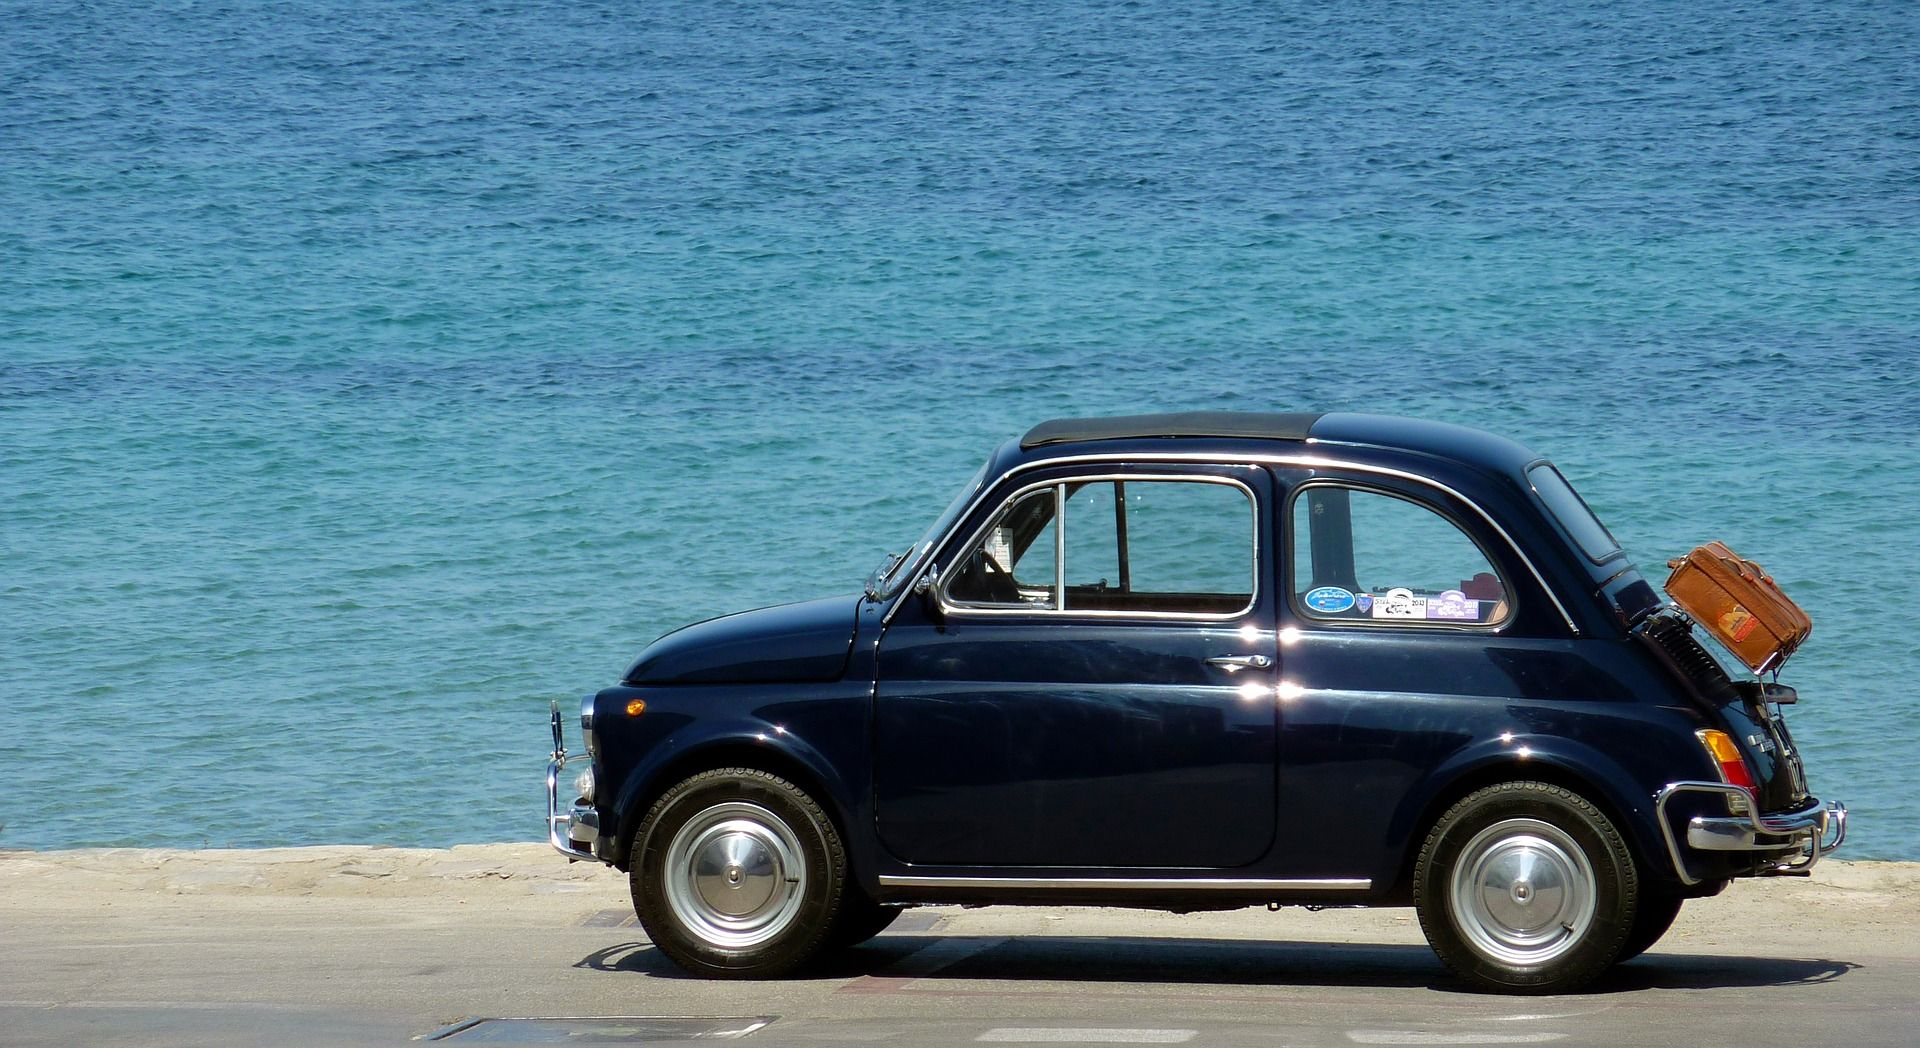 Jak zaplanować trasę do Włoch samochodem? Jakich błędów unikać?